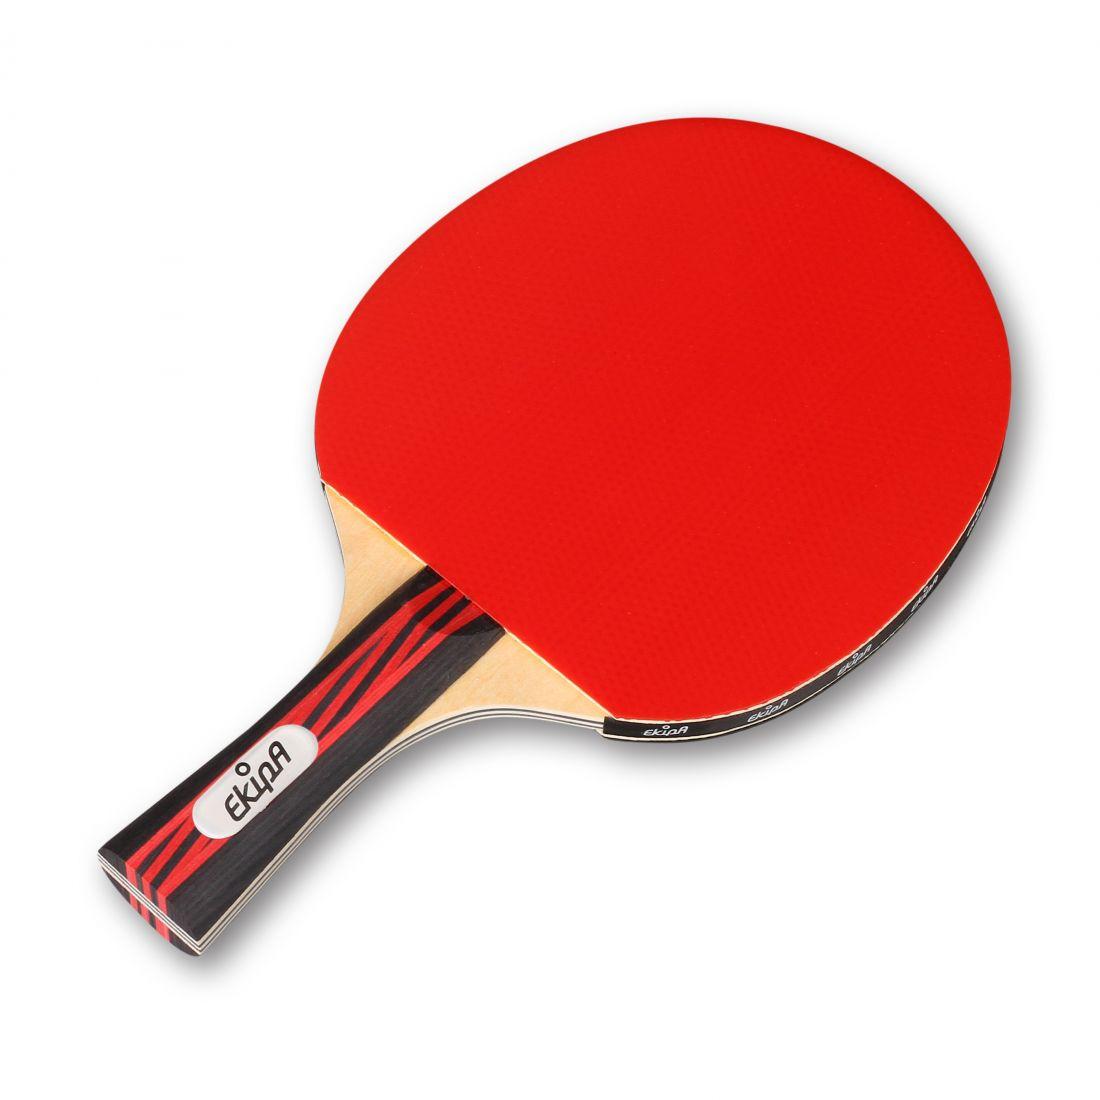 Ракетка для настольного тенниса EKIPA EK05 5 звезд